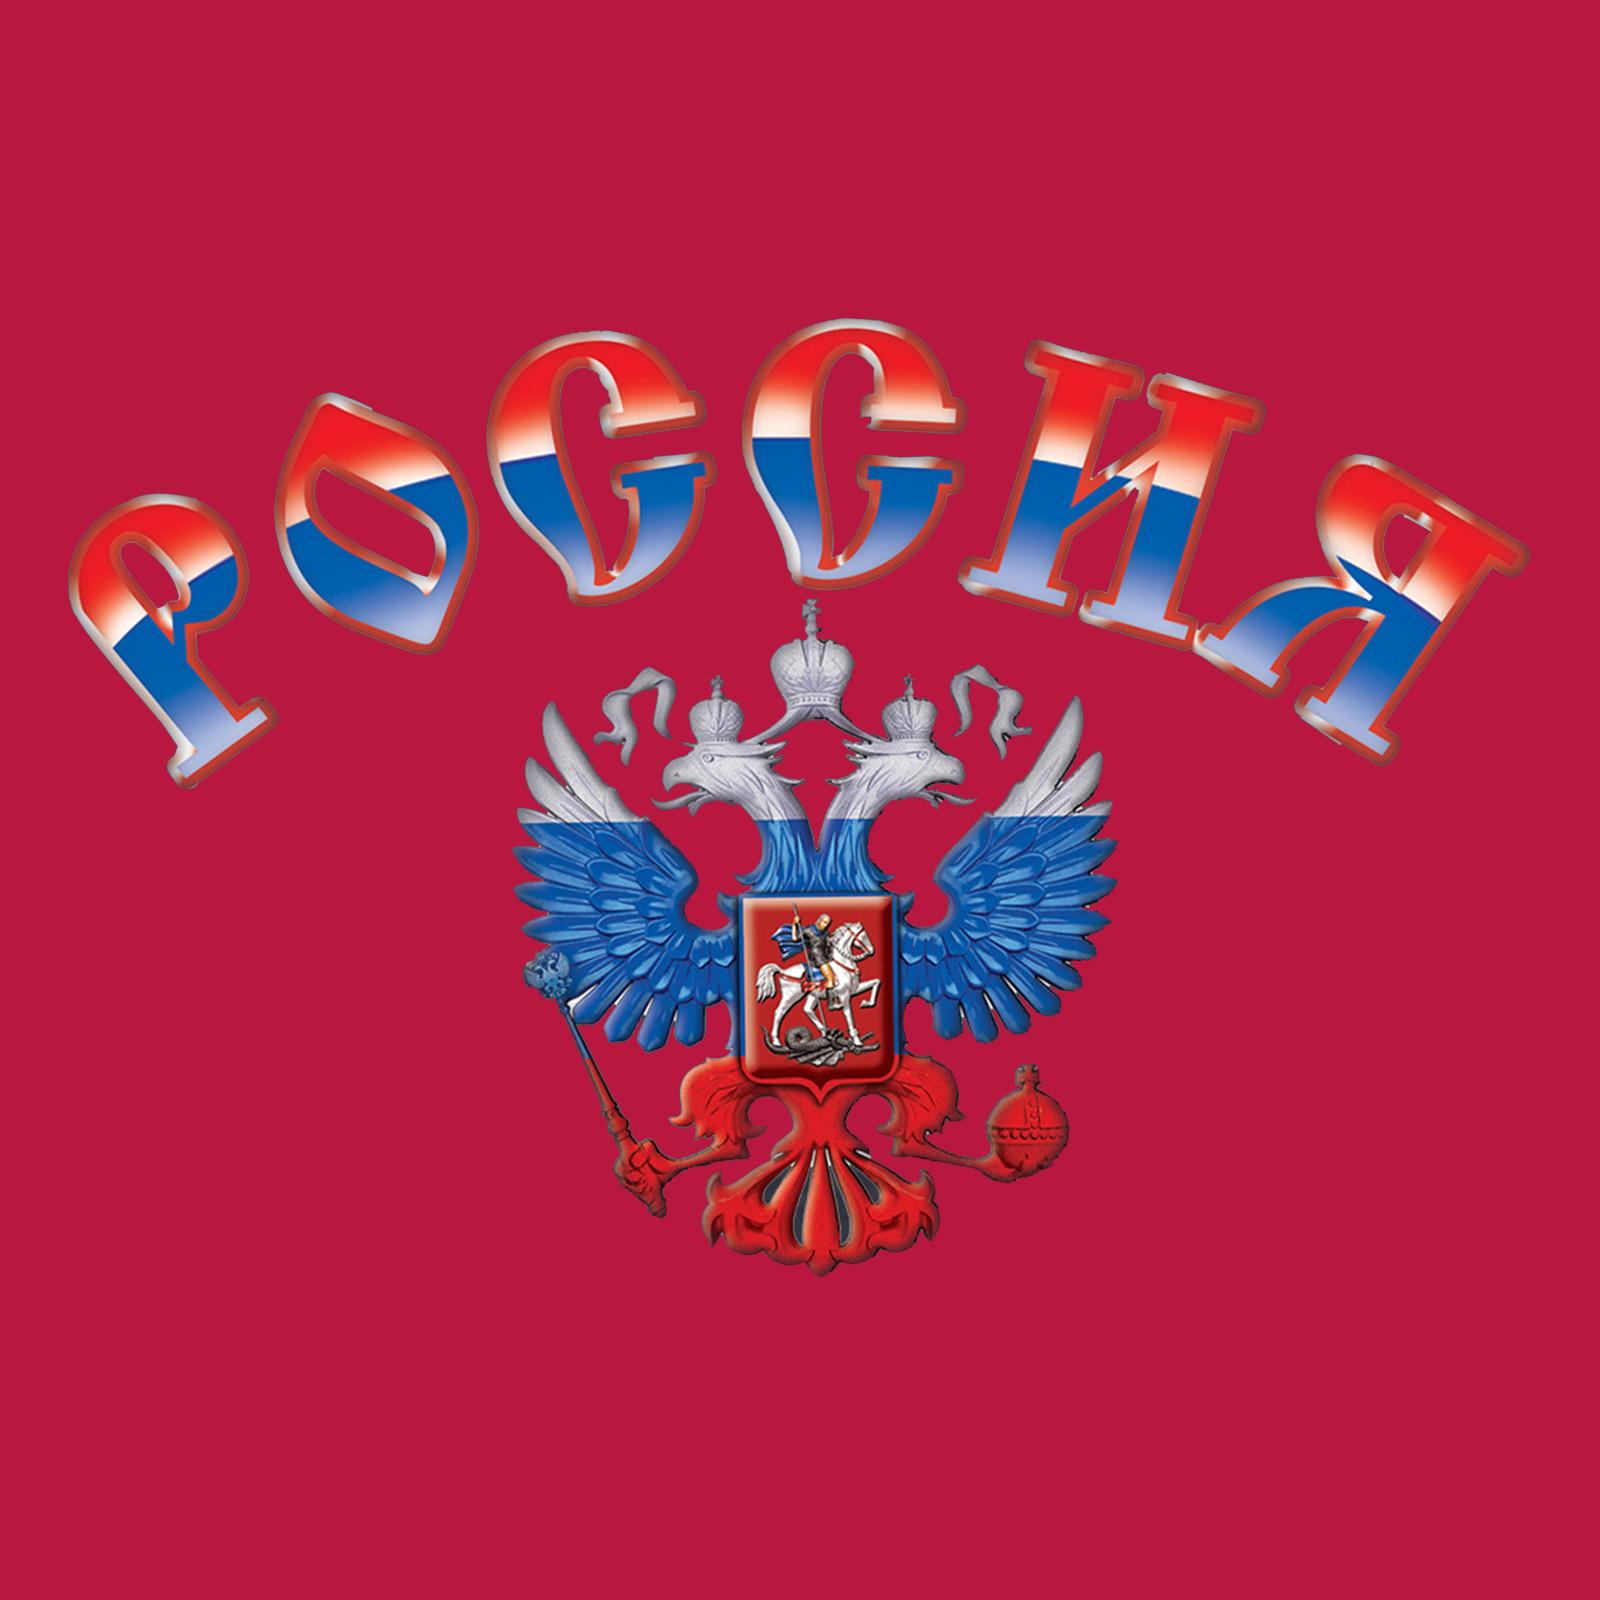 Купить летнюю красную  бейсболку с термотрансфером РОССИЯ по низкой цене